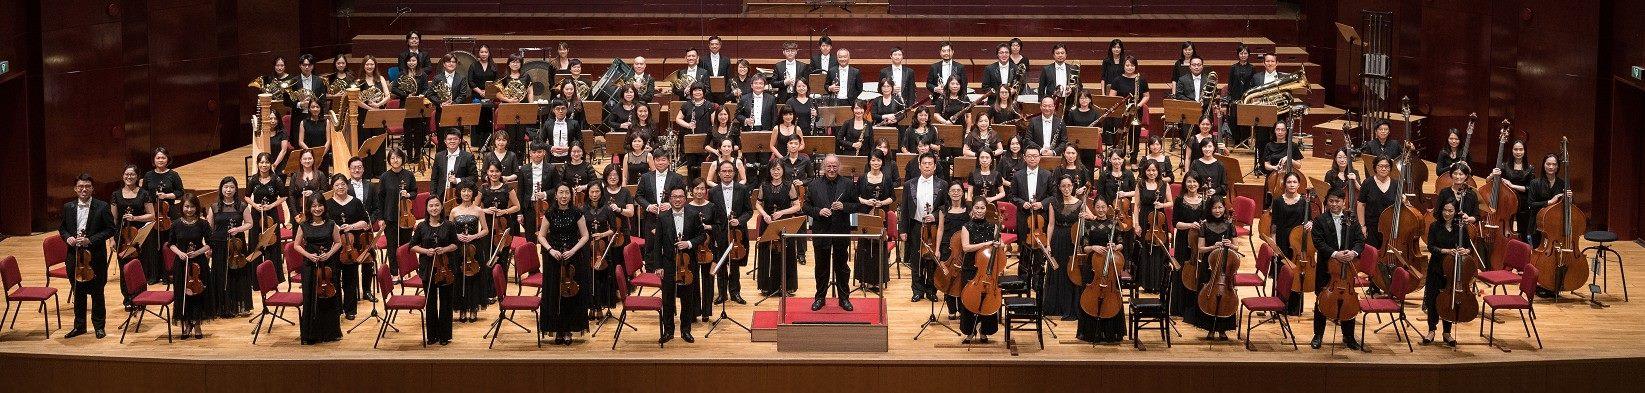 Taipei Symphony Orchestra